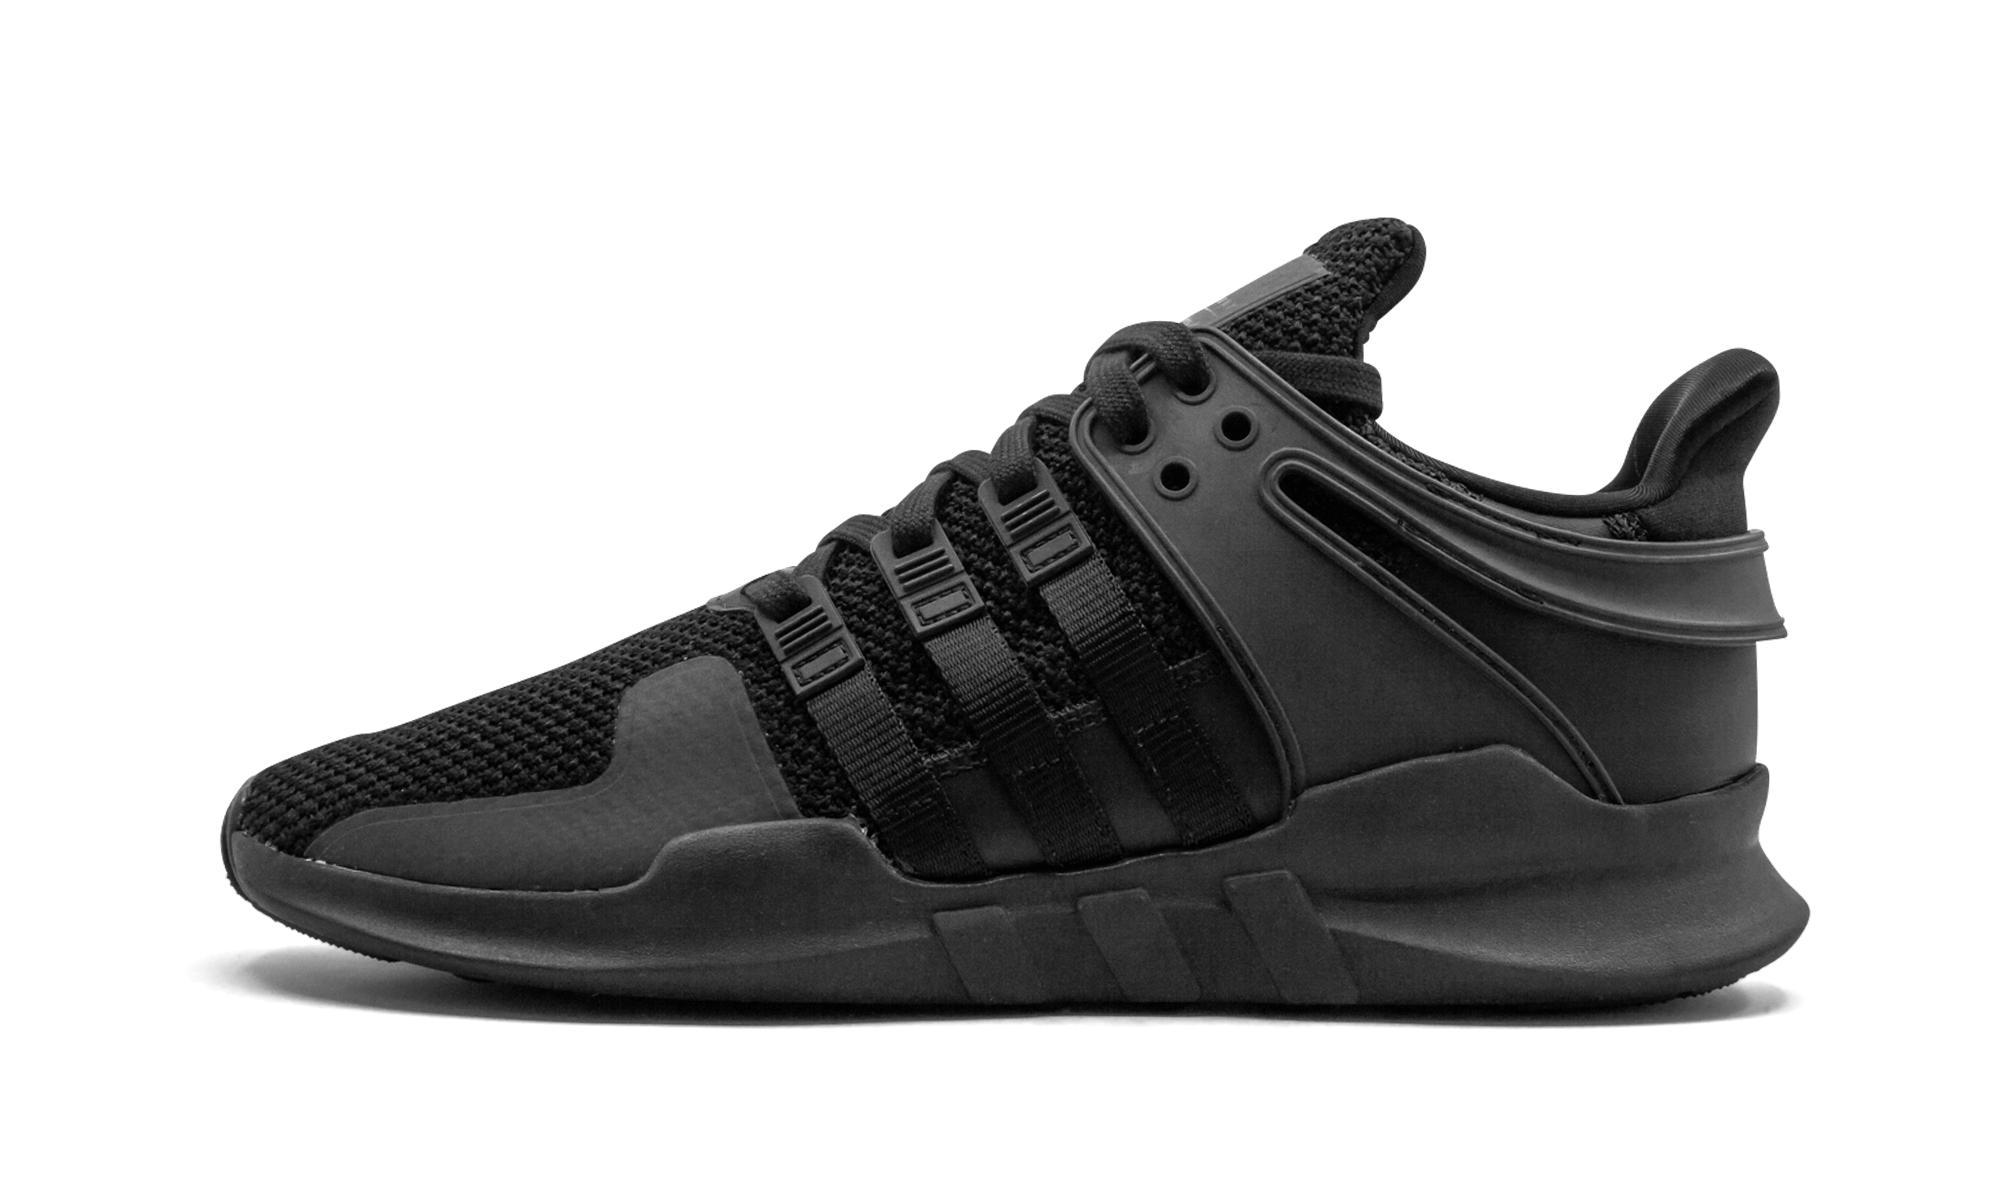 size 40 23cad 46a4f adidas. Mens Black Eqt Support Adv